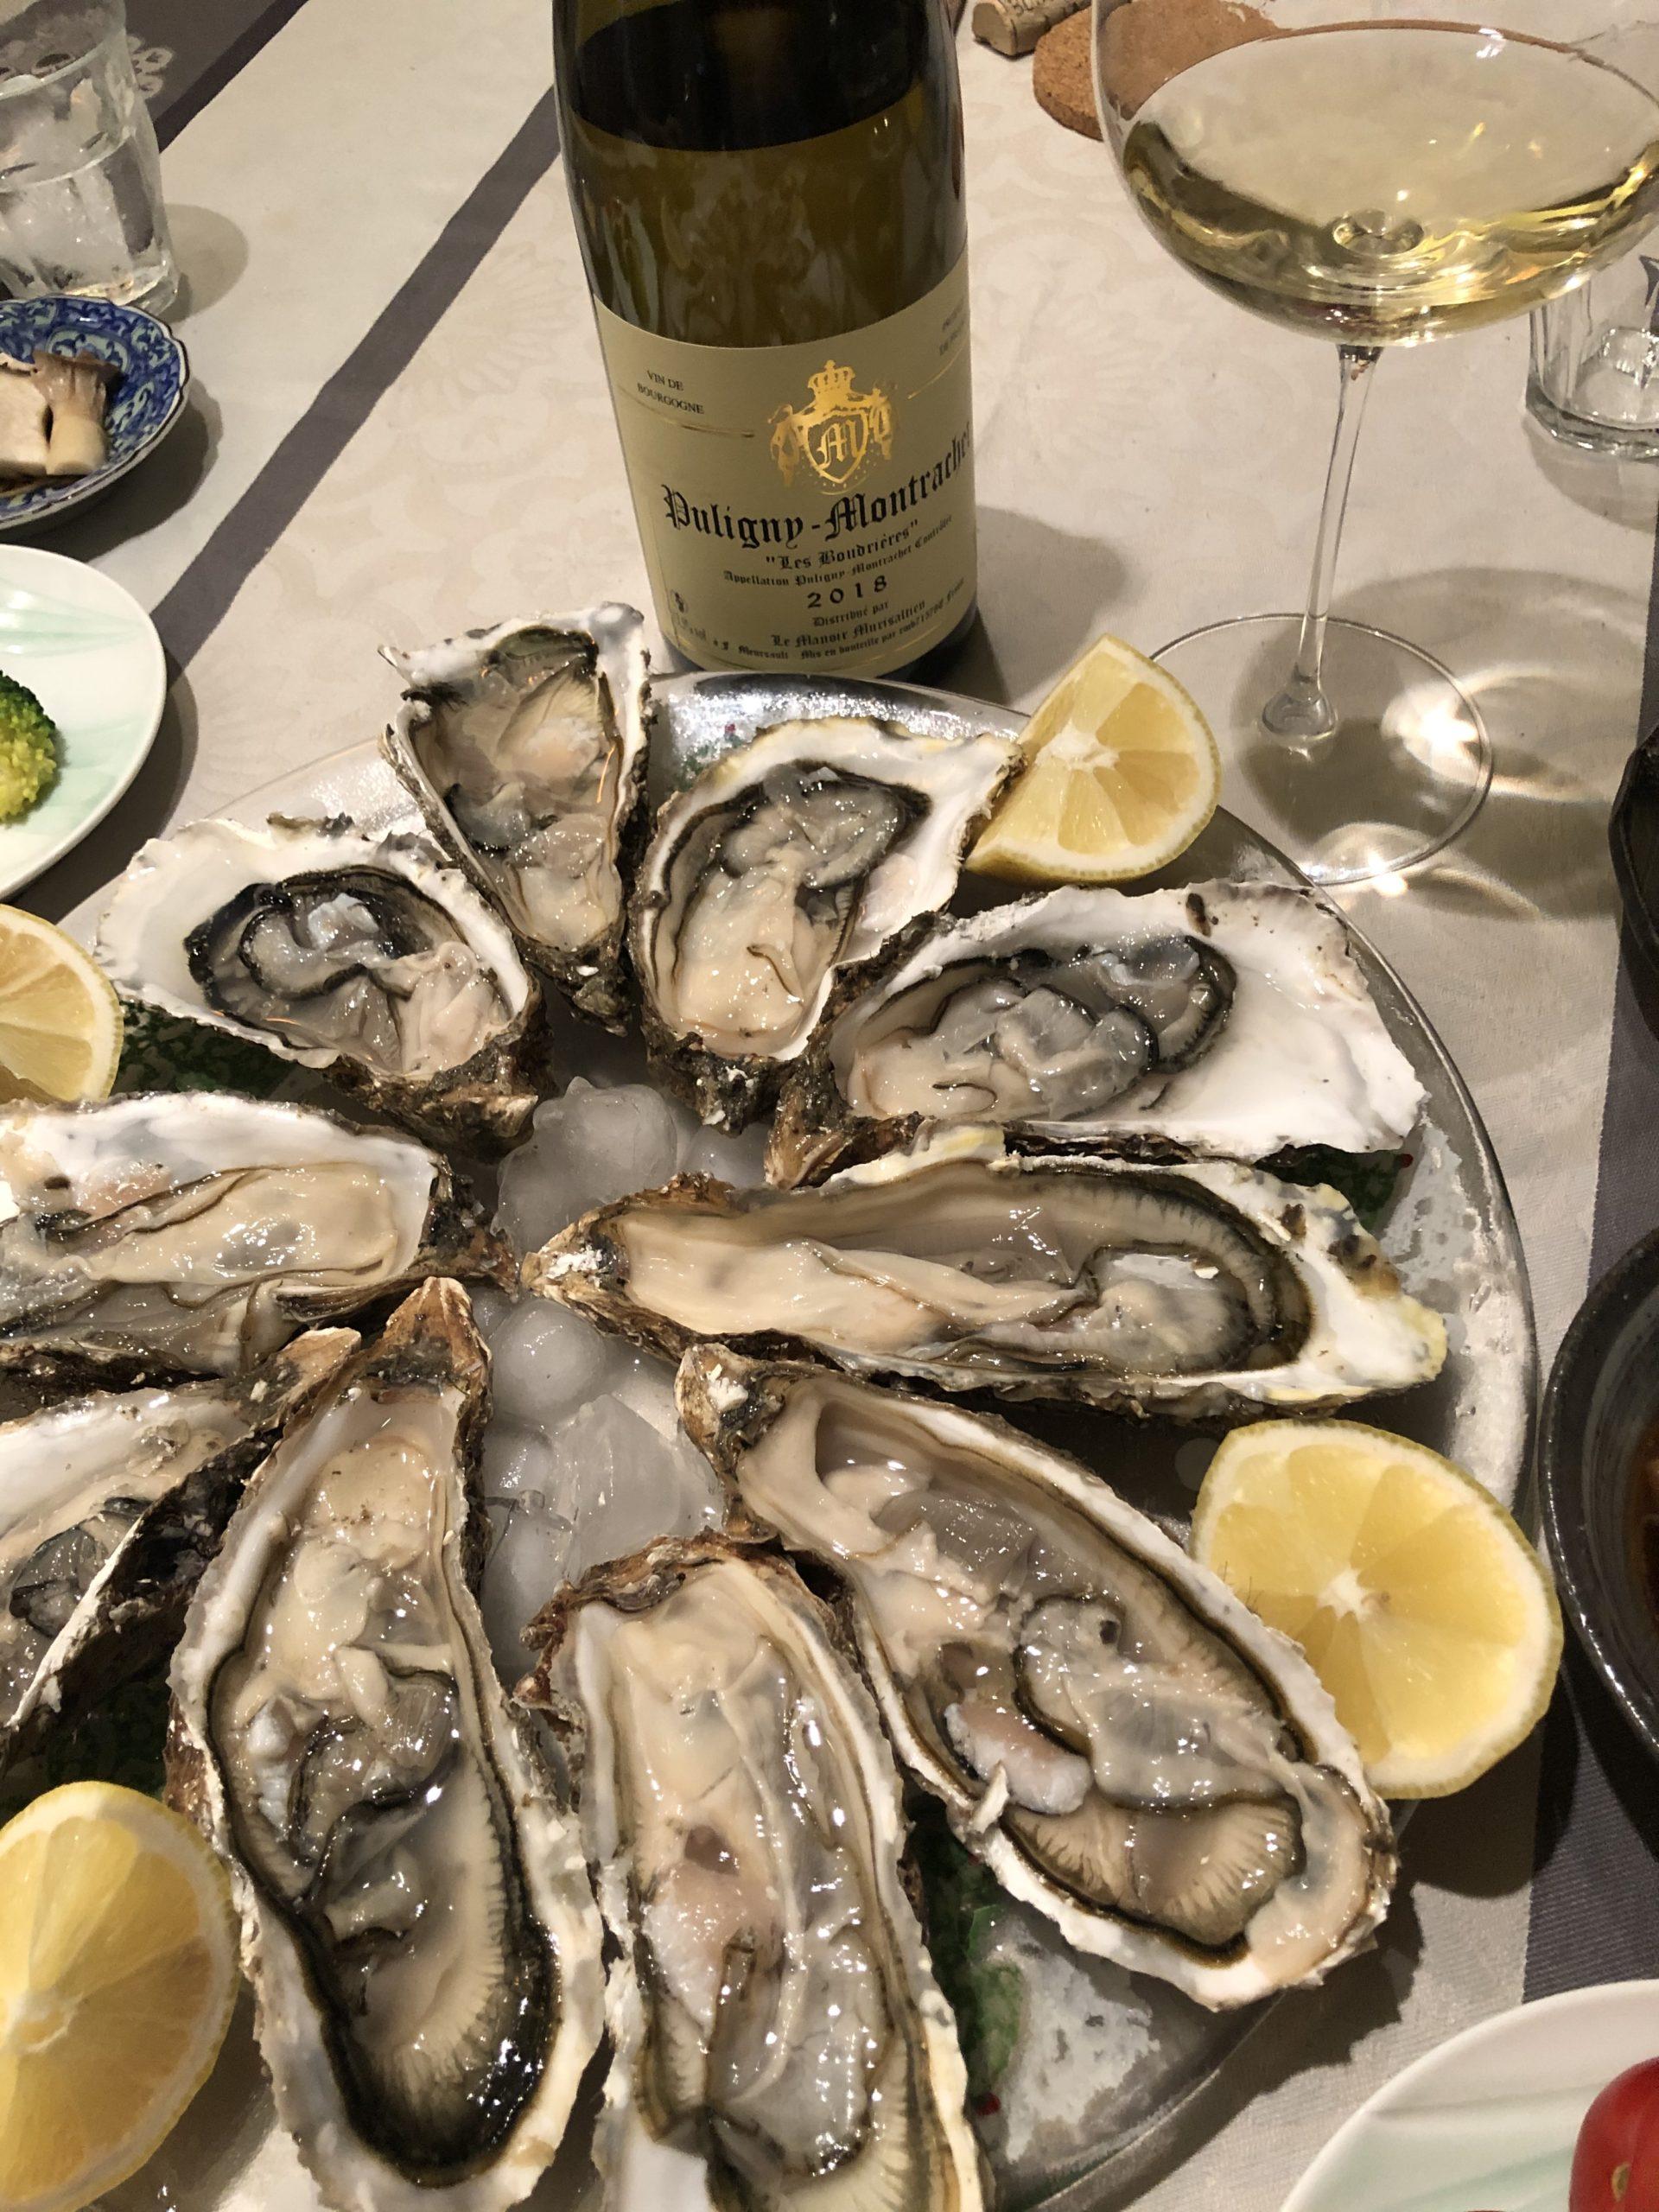 厚岸の牡蠣とピュリニモンラシェ